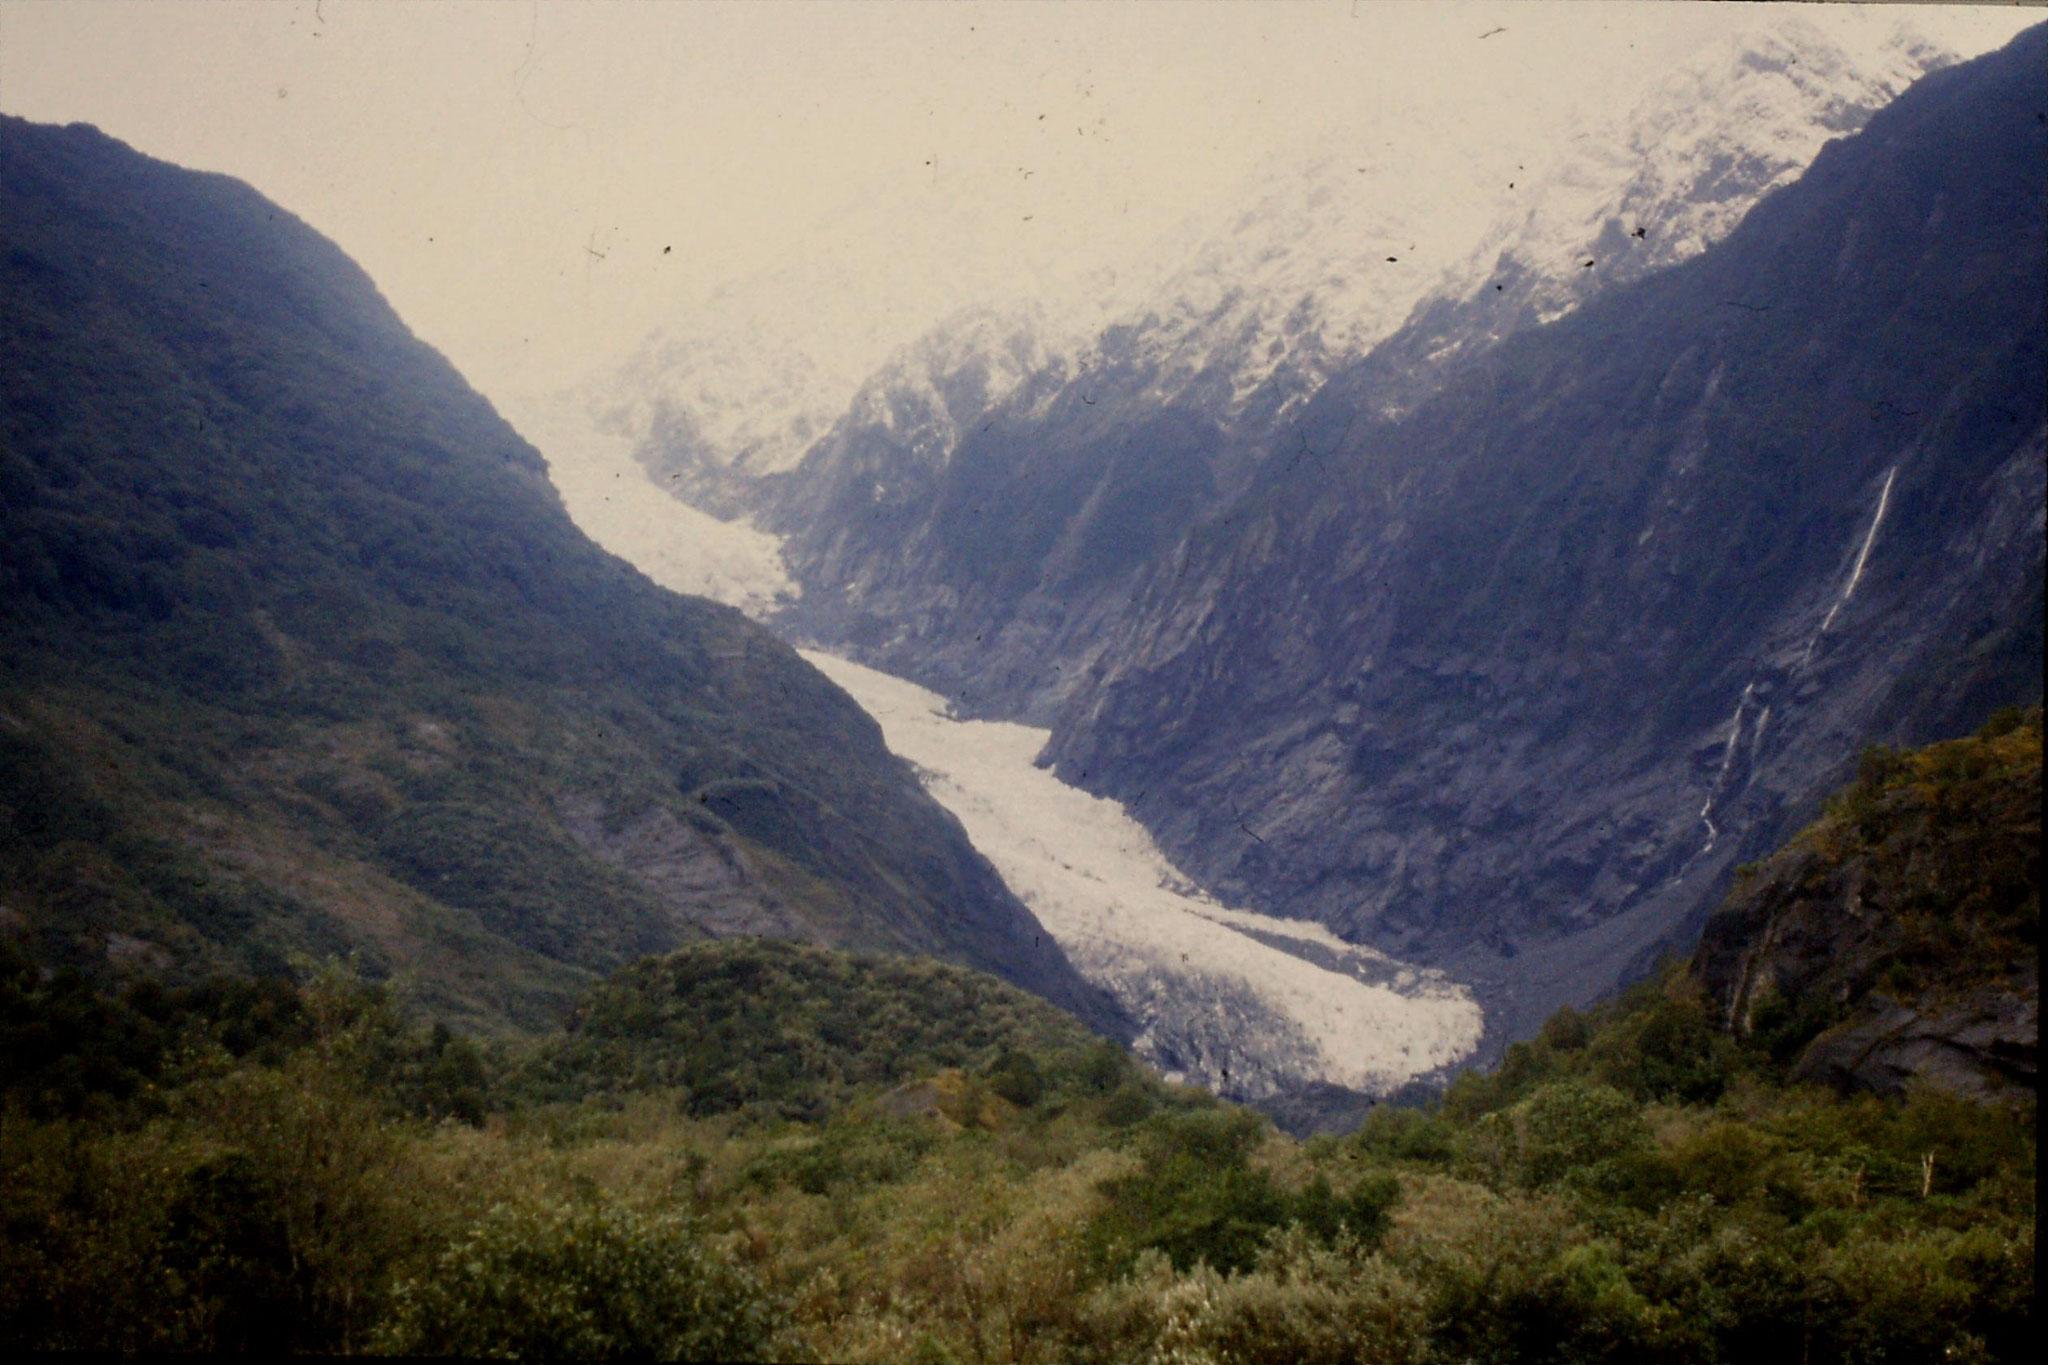 22/8/1990: 31: Franz Joseph Glacier